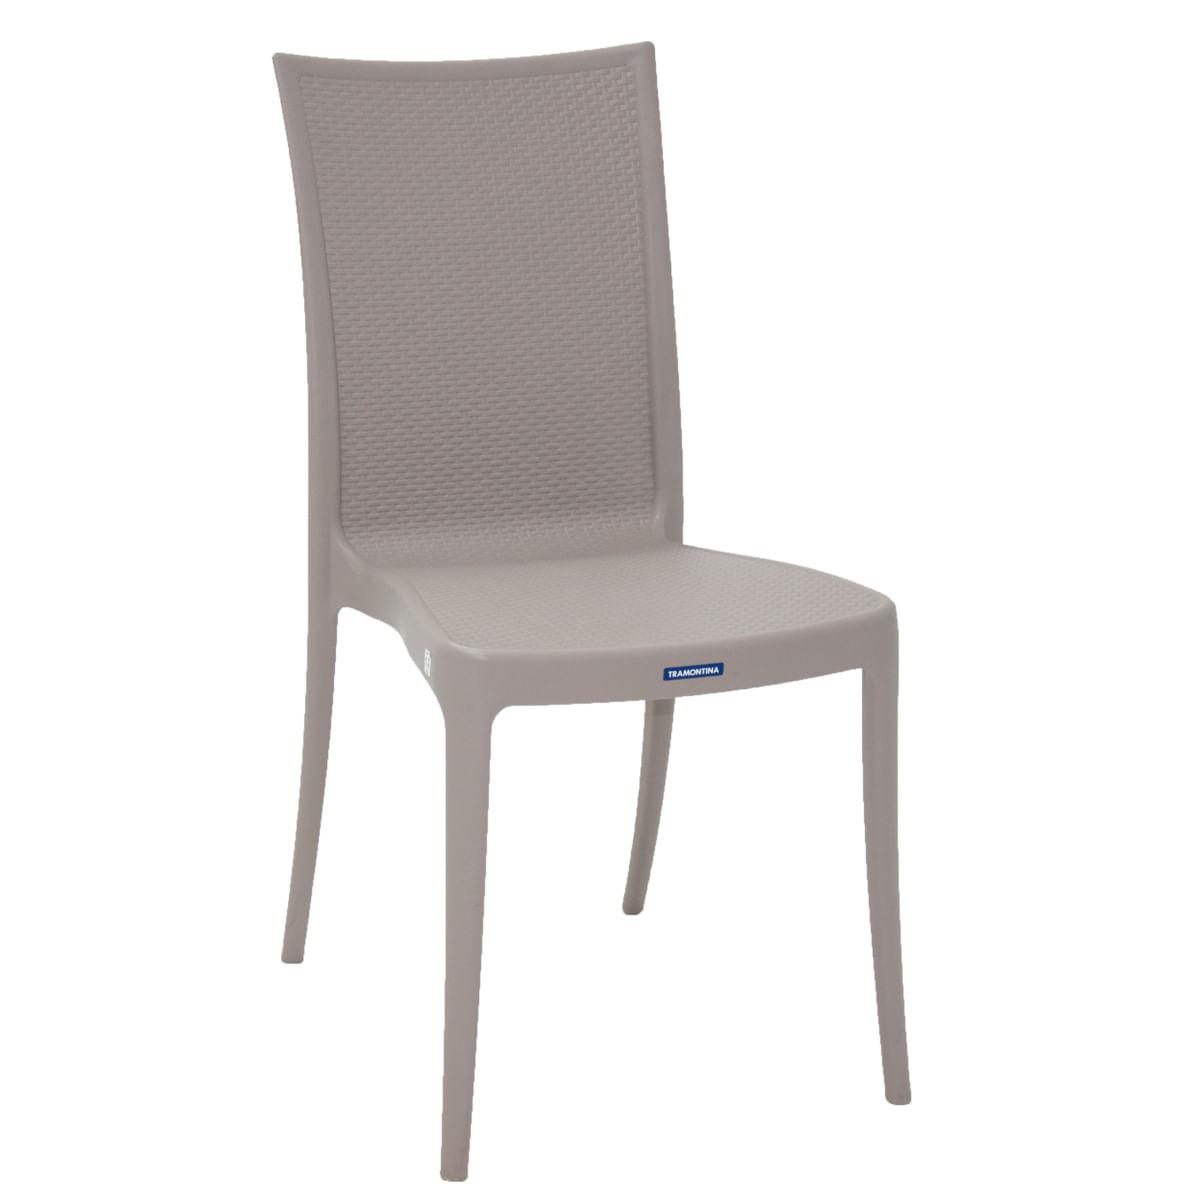 Cadeira Tramontina Laura Ratan Camurça em Polipropileno e Fibra de Vidro